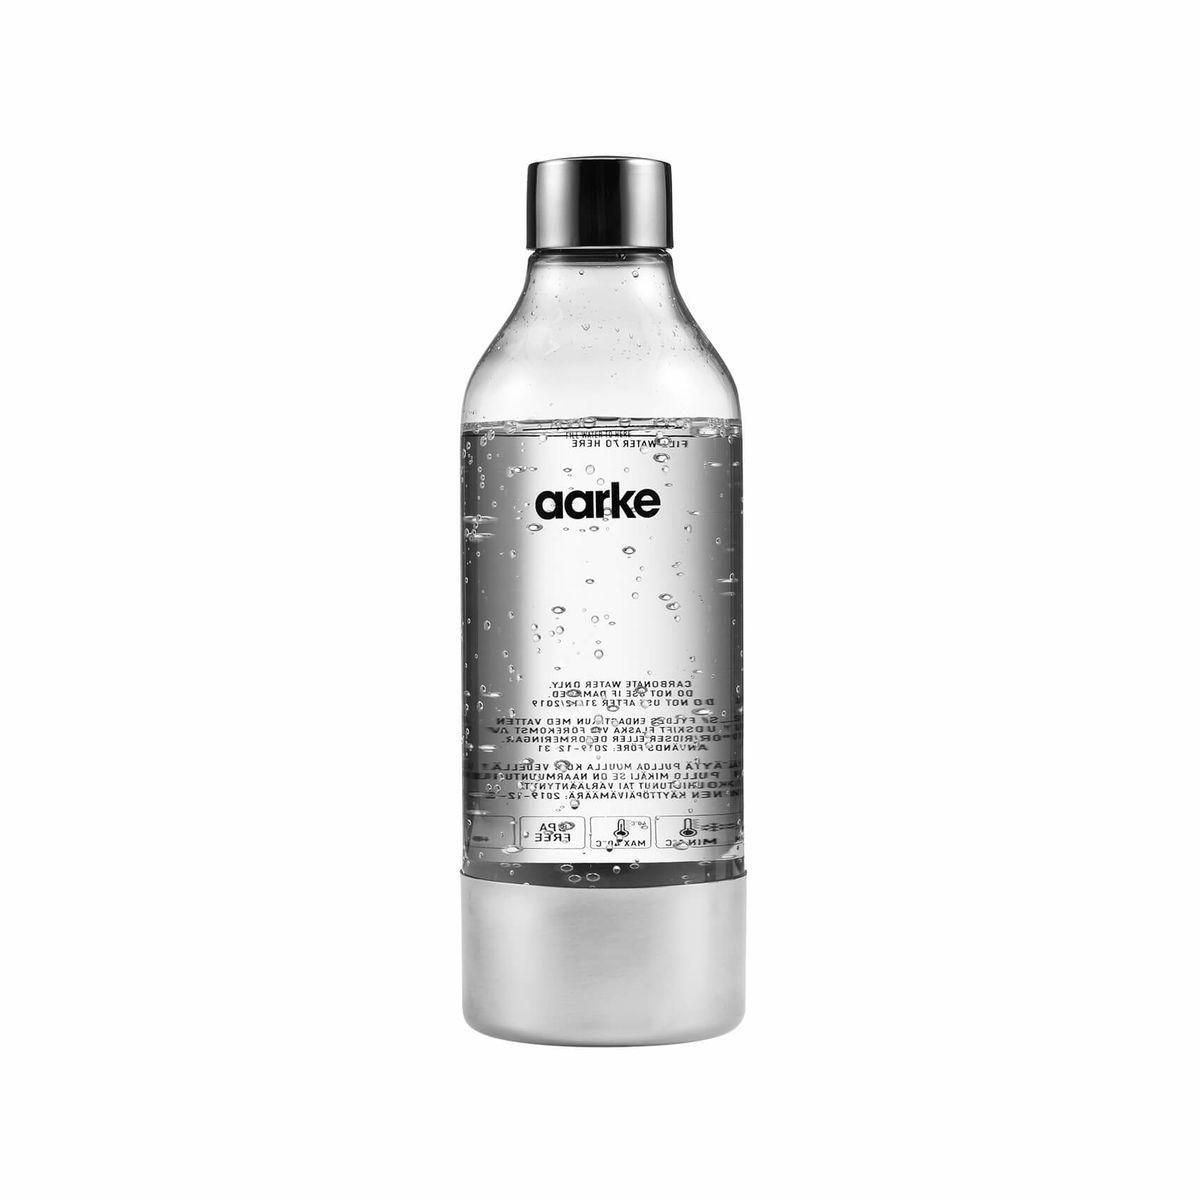 Image of AARKE PET-Flasche